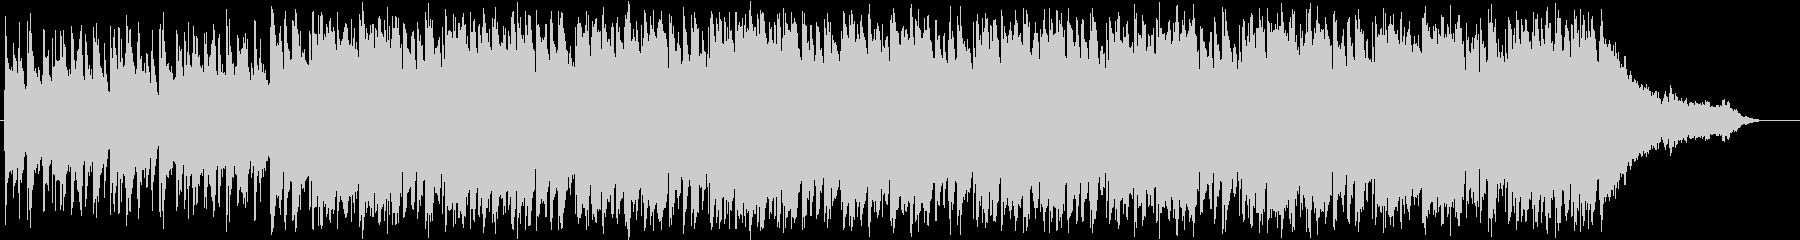 軽快、パワフルなアコースティックBGMの未再生の波形